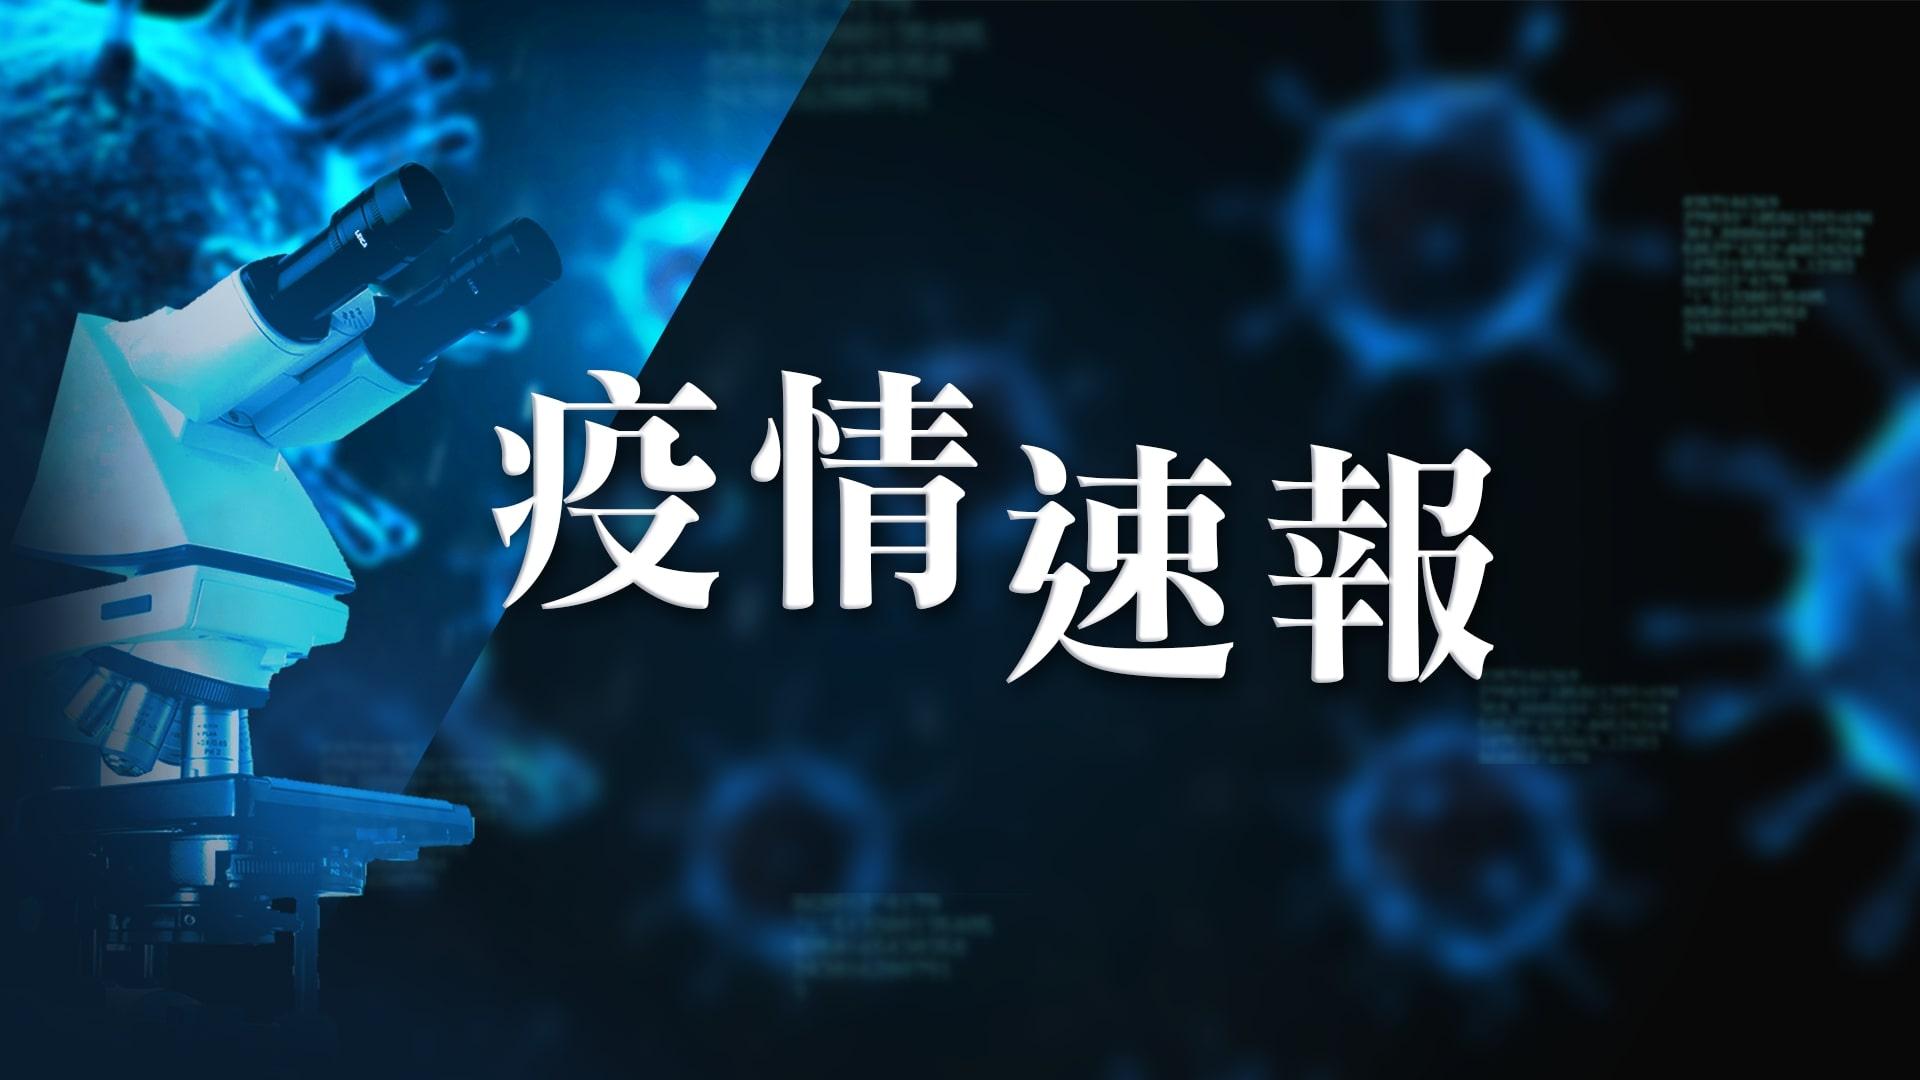 【10月25日疫情速報】(23:30)